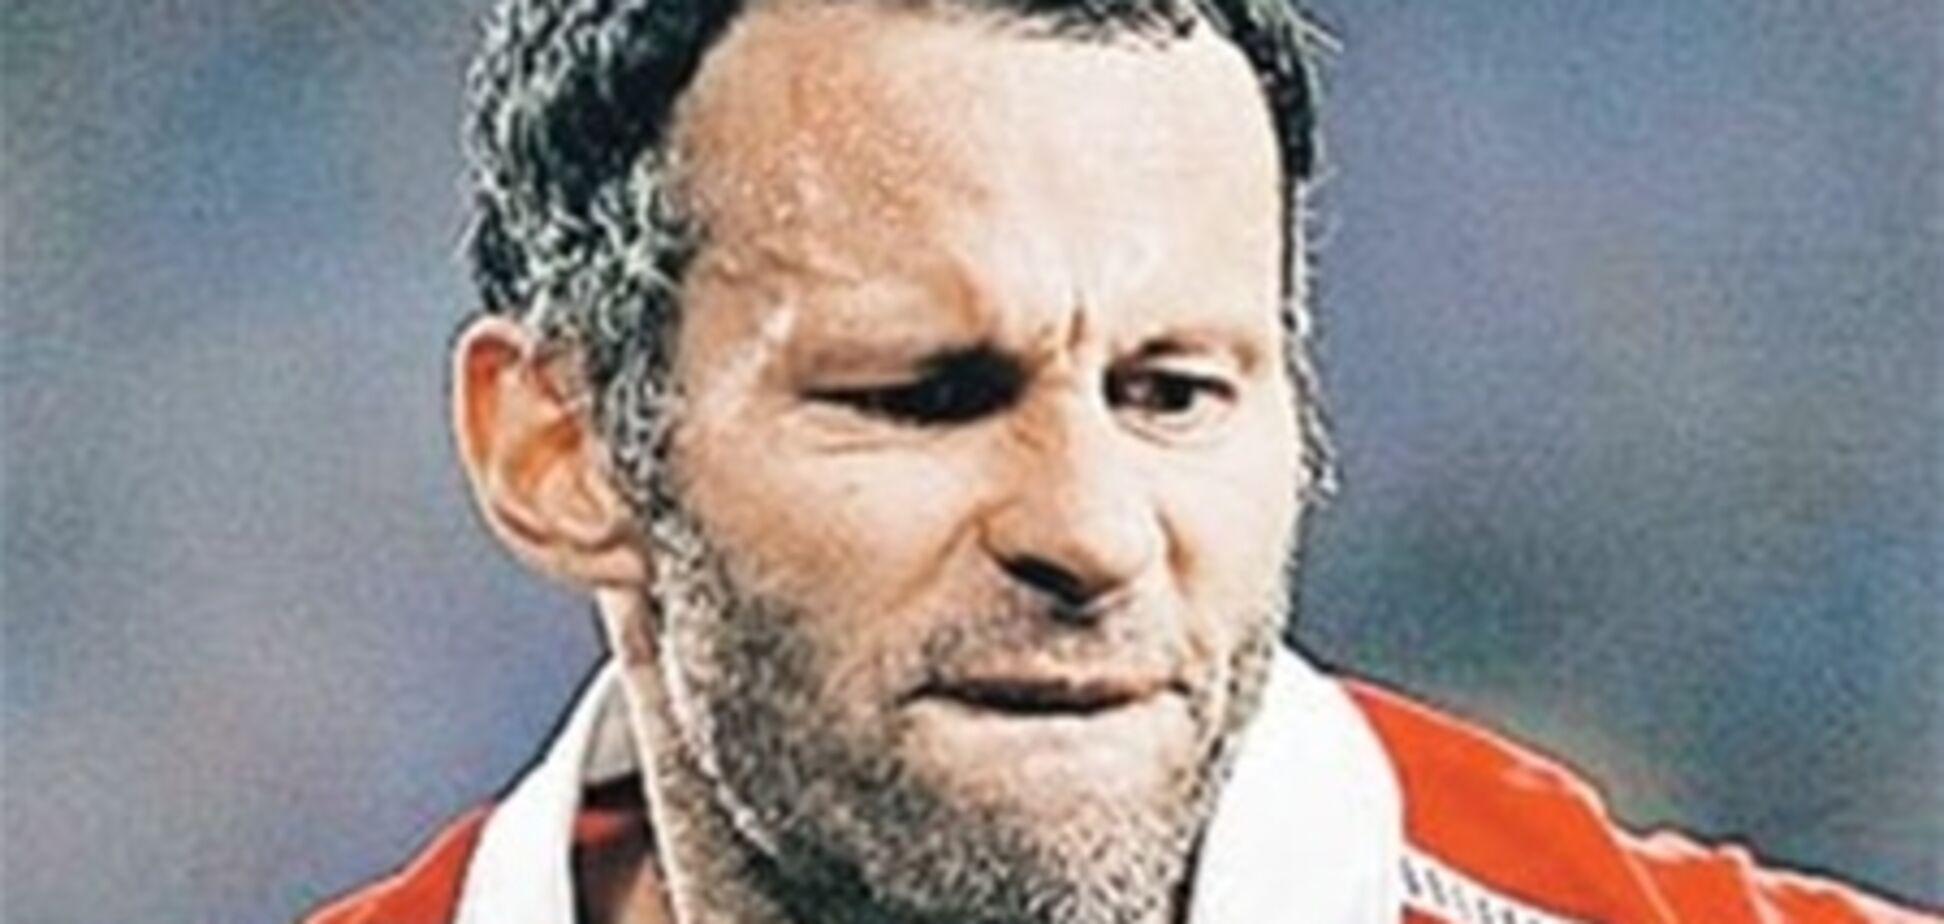 Секс-скандал с футболистом 'Манчестер Юнайтед' ударил по британскому правосудию